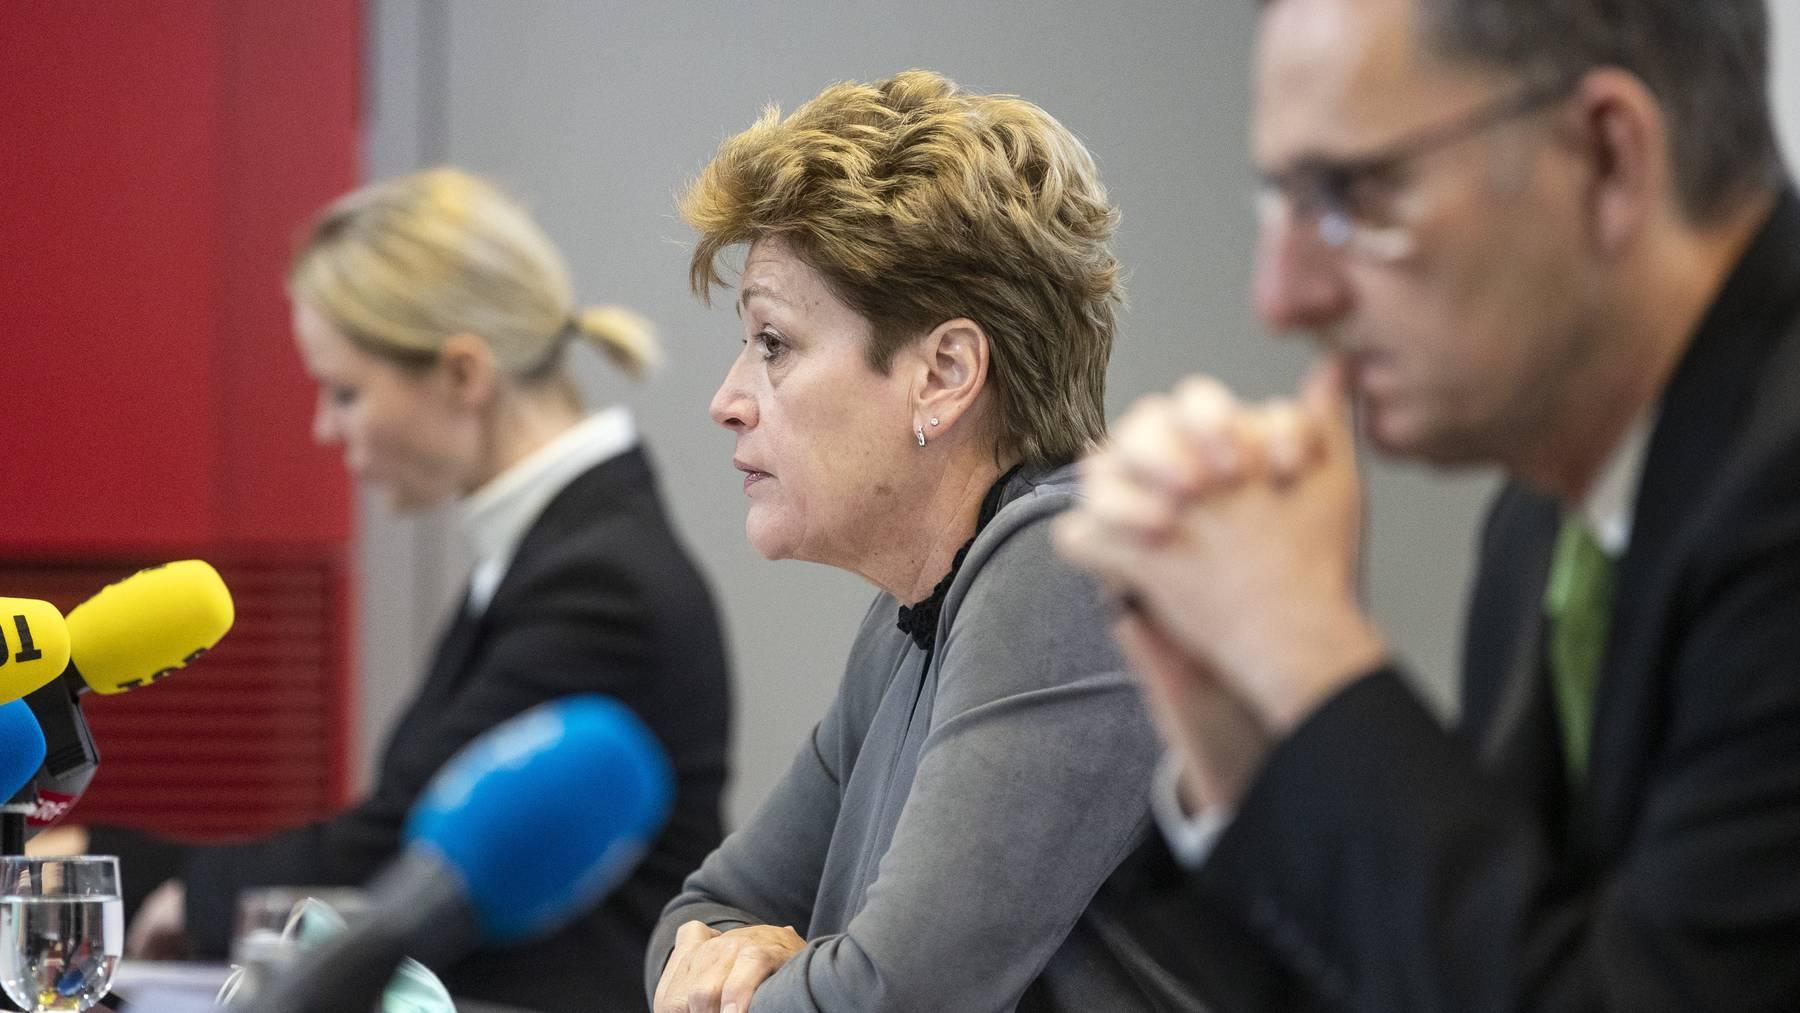 Die Zürcher Regierungsräte Natalie Rickli, Silvia Steiner und Mario Fehr (v.l.) verkünden am Dienstag die verschärften Coronamassnahmen.